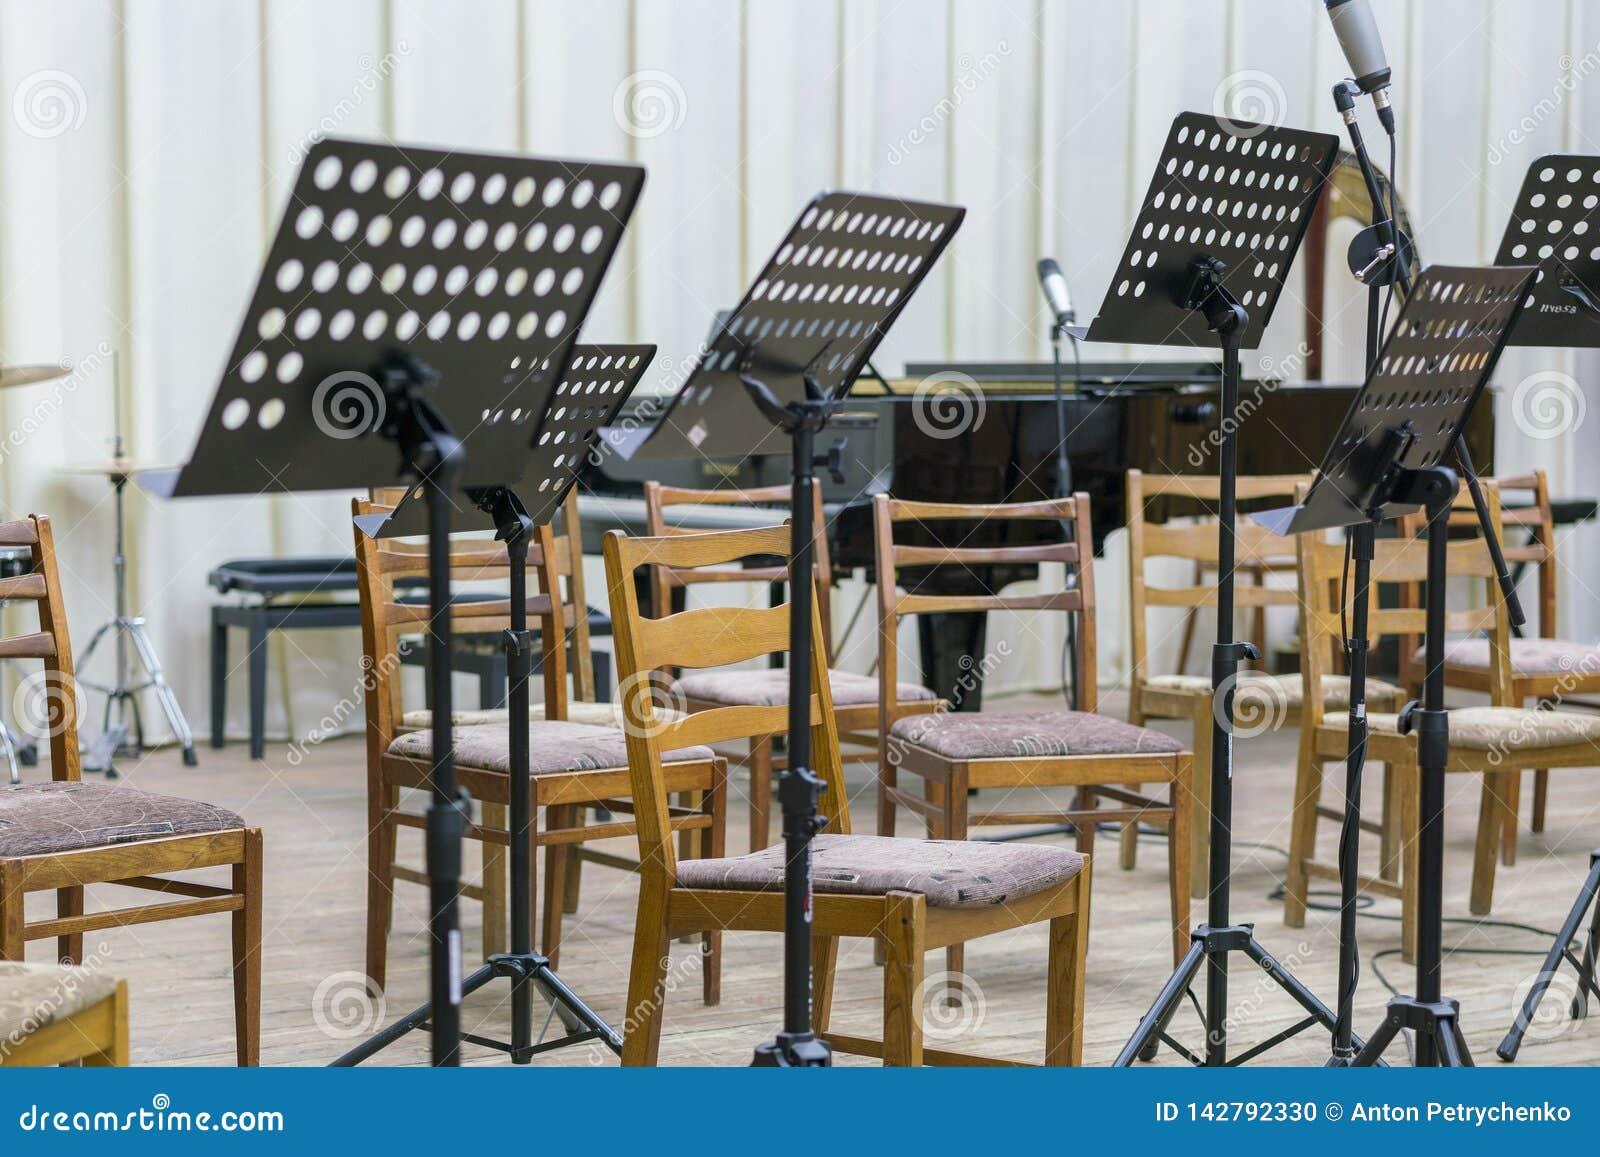 Άδειες θέσεις και μερικά όργανα στο μέγαρο μουσικής που αναμένει την ορχήστρα για να έρθει στο στάδιο μαύρη στάση μουσικής στη σκ